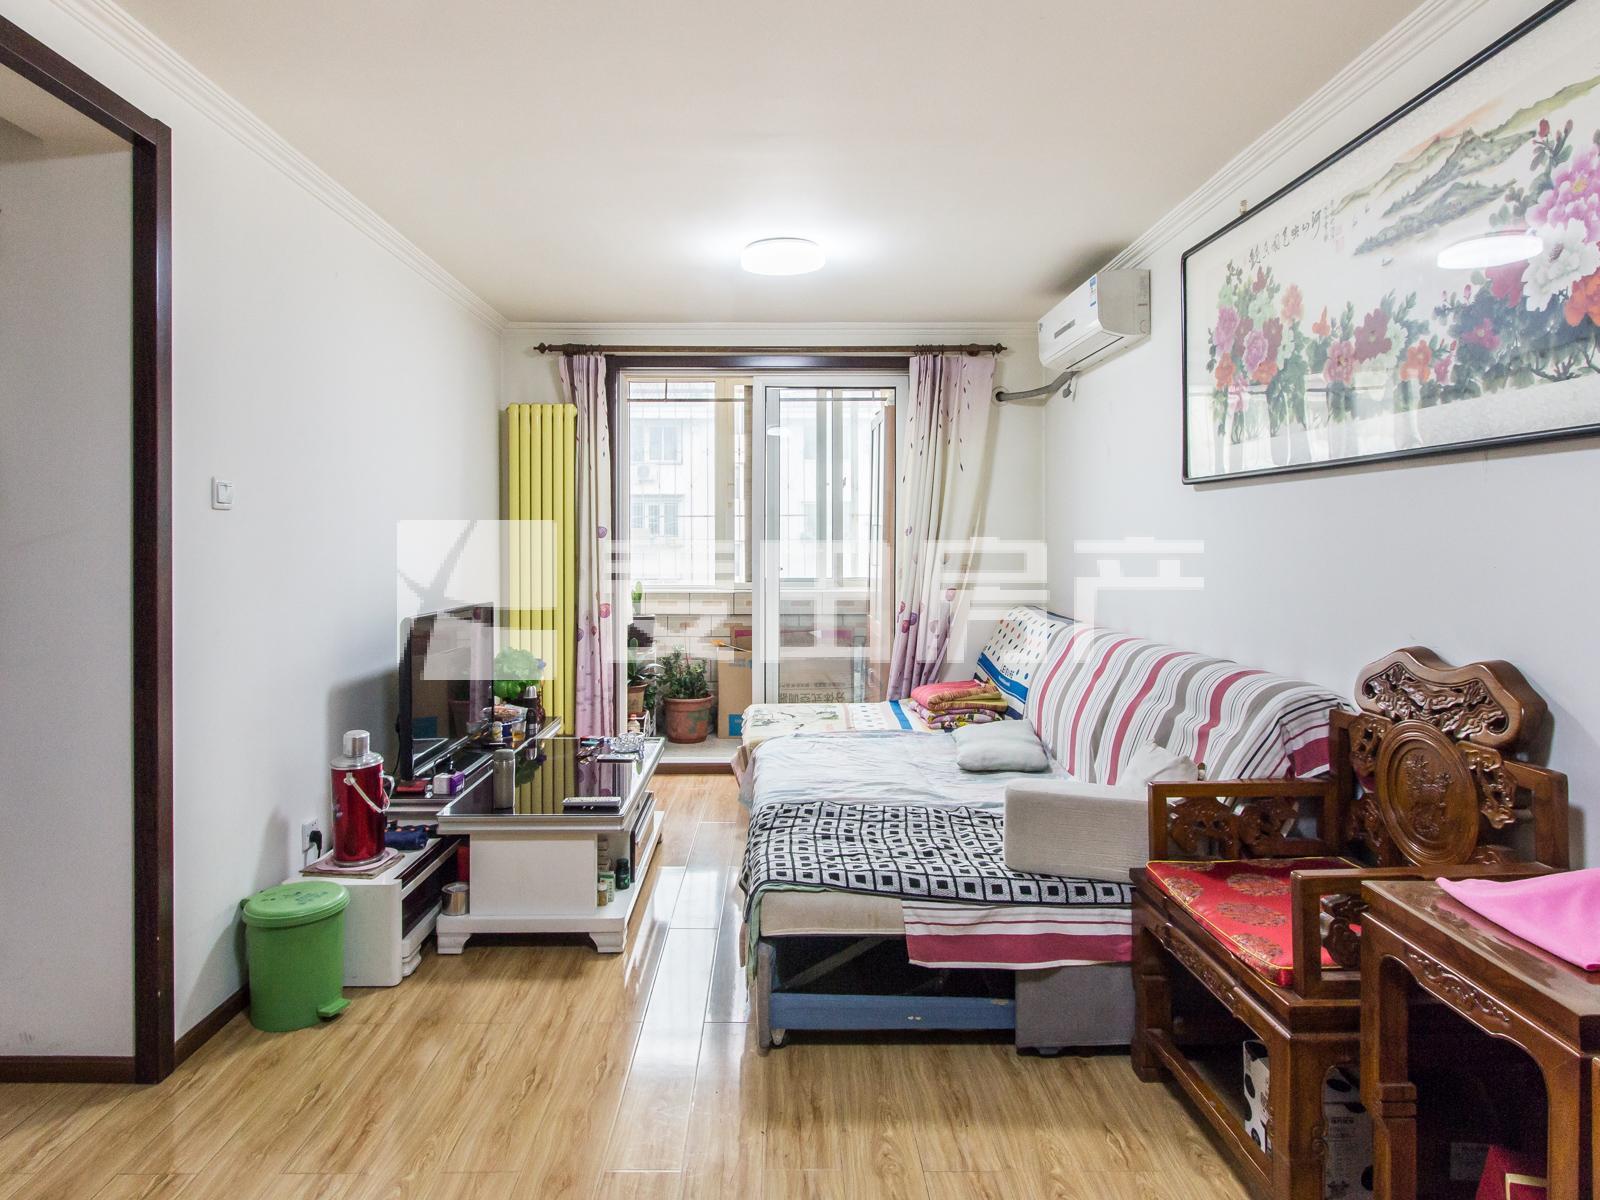 百旺新城+中高楼层+满五年+商品房+南向一居室+看房预约